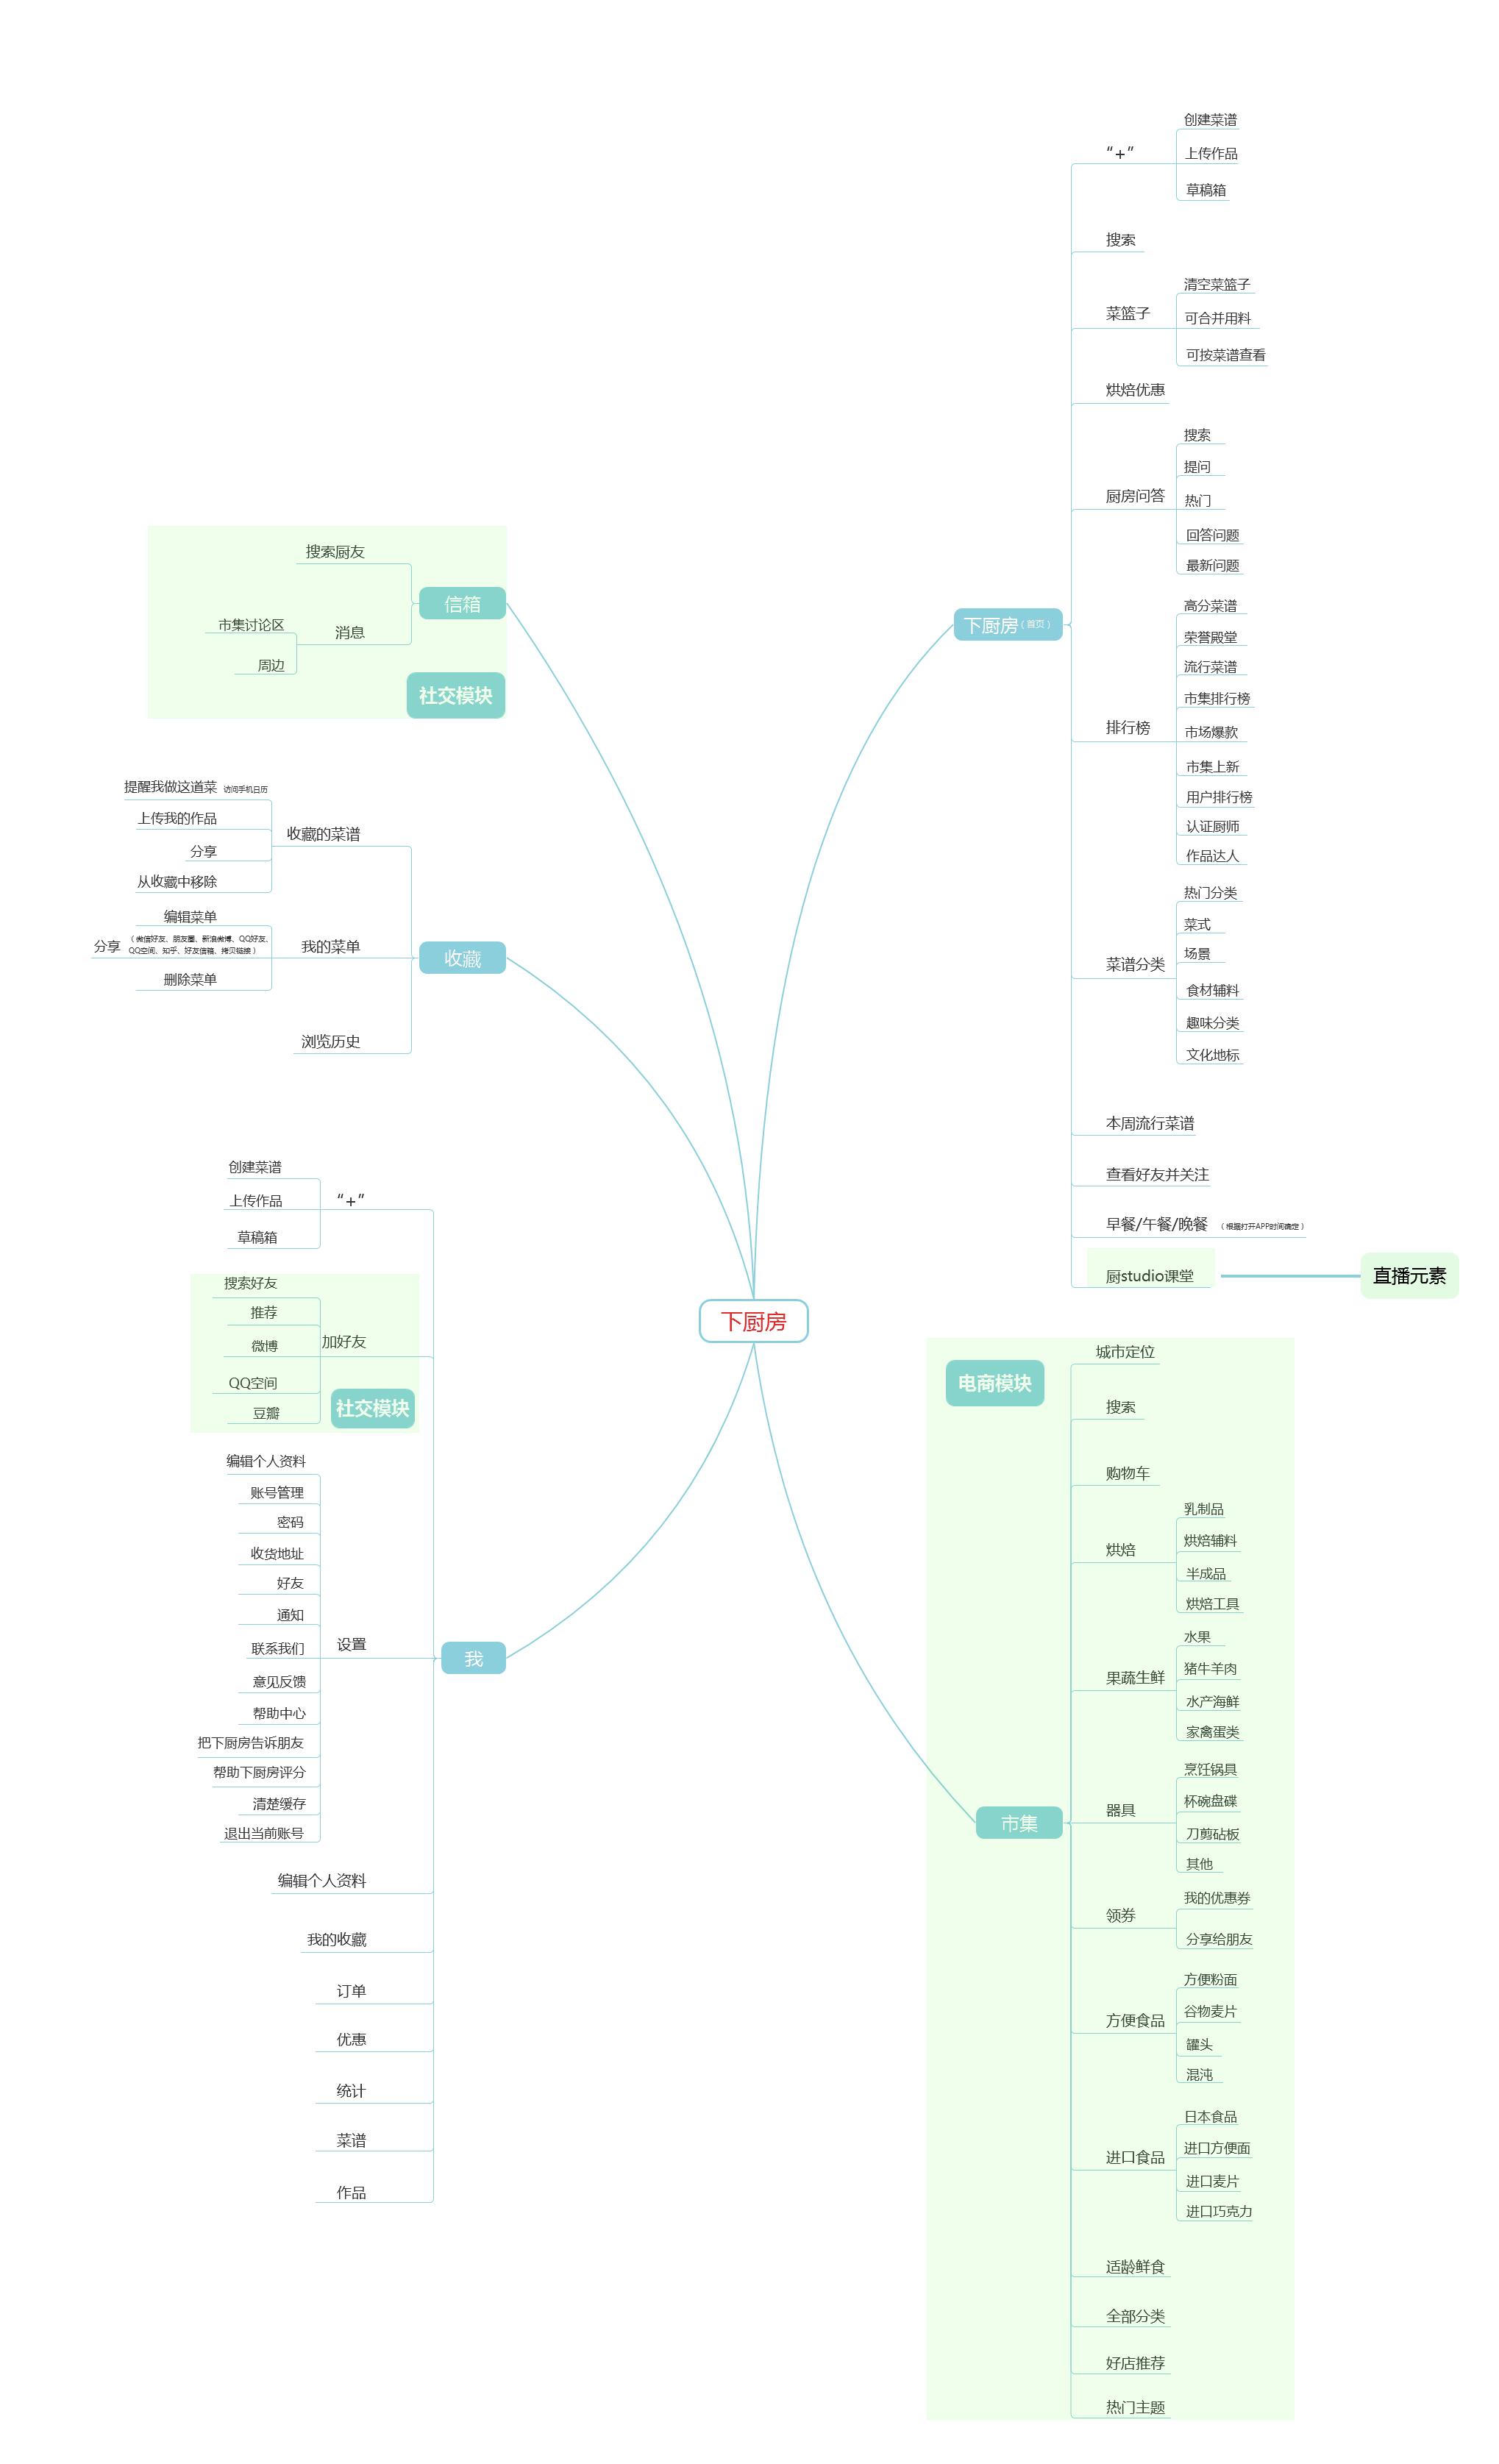 2.1-1 下厨房app的信息功能结构图